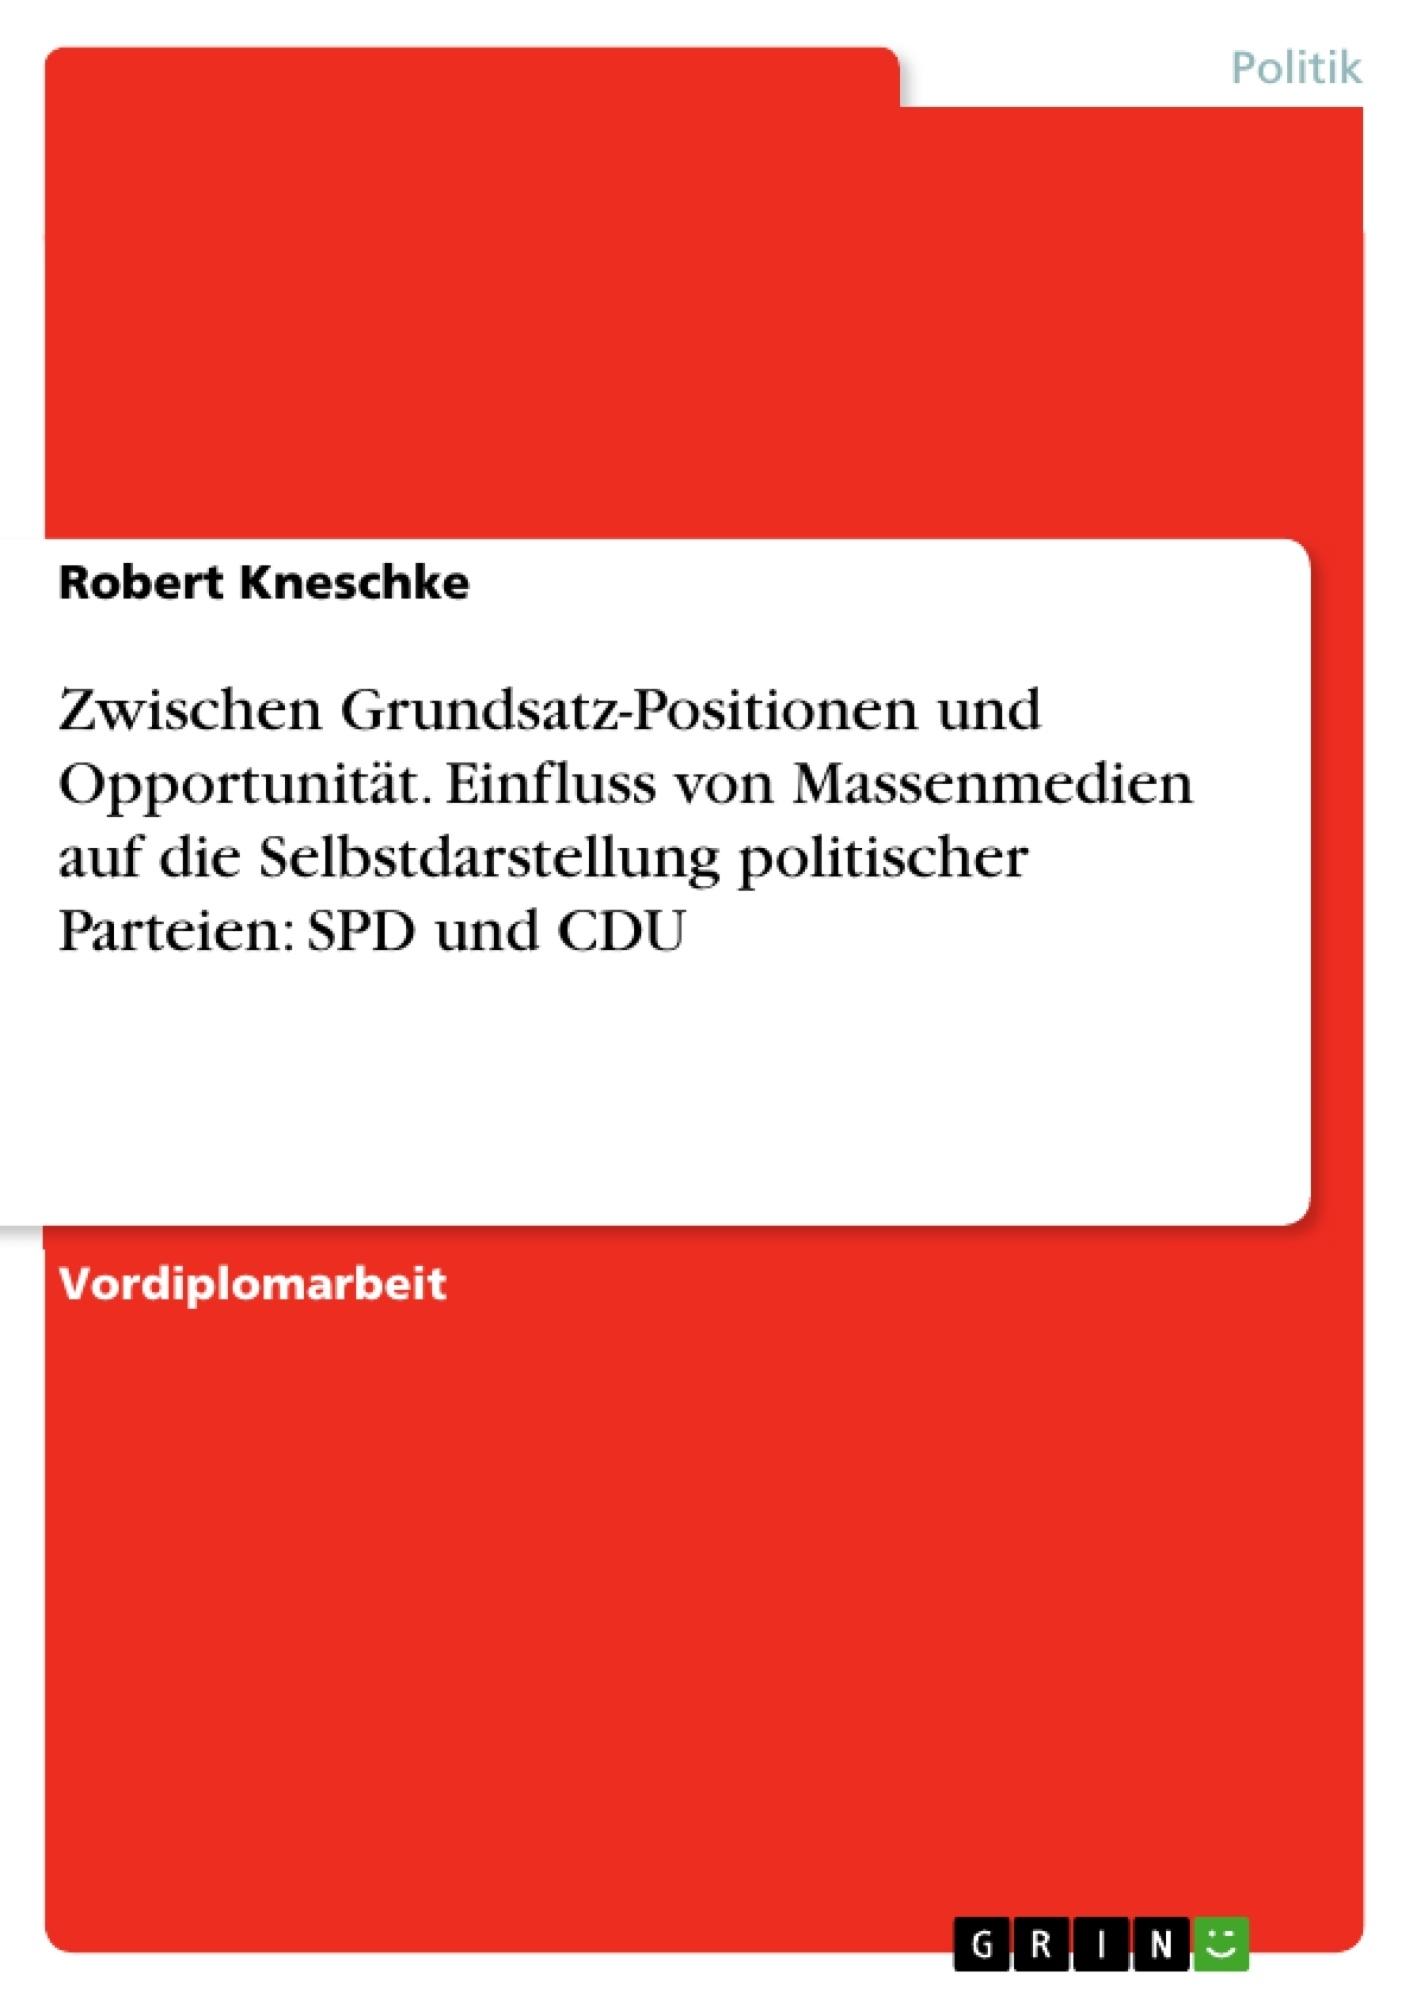 Titel: Zwischen Grundsatz-Positionen und Opportunität. Einfluss von Massenmedien auf die Selbstdarstellung politischer Parteien: SPD und CDU